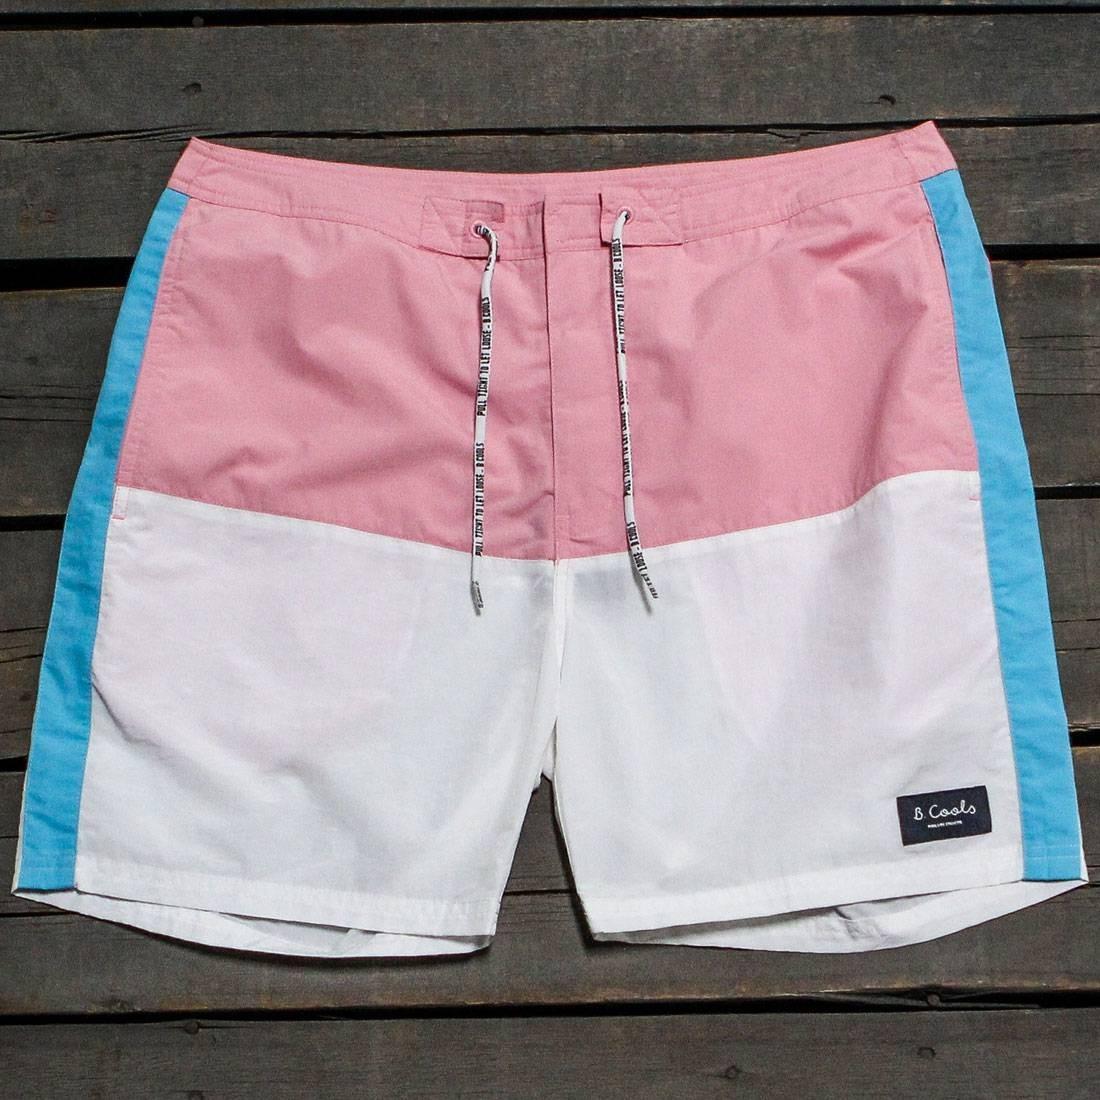 【海外限定】クラシック ショーツ ハーフパンツ 白 ホワイト メンズファッション ズボン 【 WHITE BARNEY COOLS MEN CLASSIC 17 SHORTS PINK BLUE 】